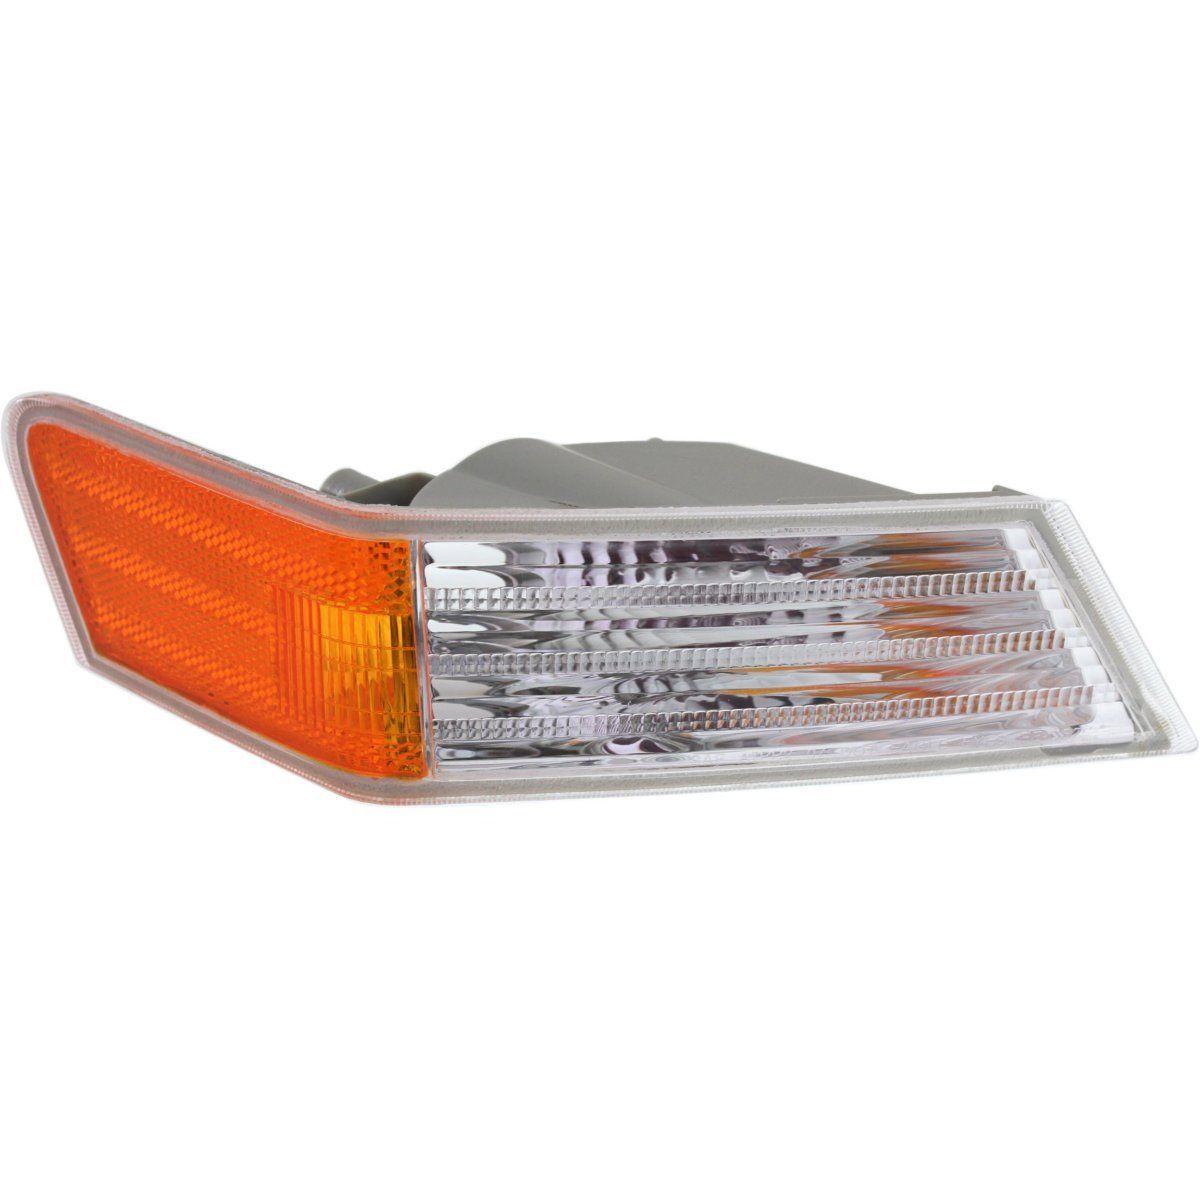 コーナーライト Corner Light For 2007-2016 Jeep Patriot Passenger Side Incandescent 2007-2016ジープパトリオット乗客側白熱灯のコーナーライト